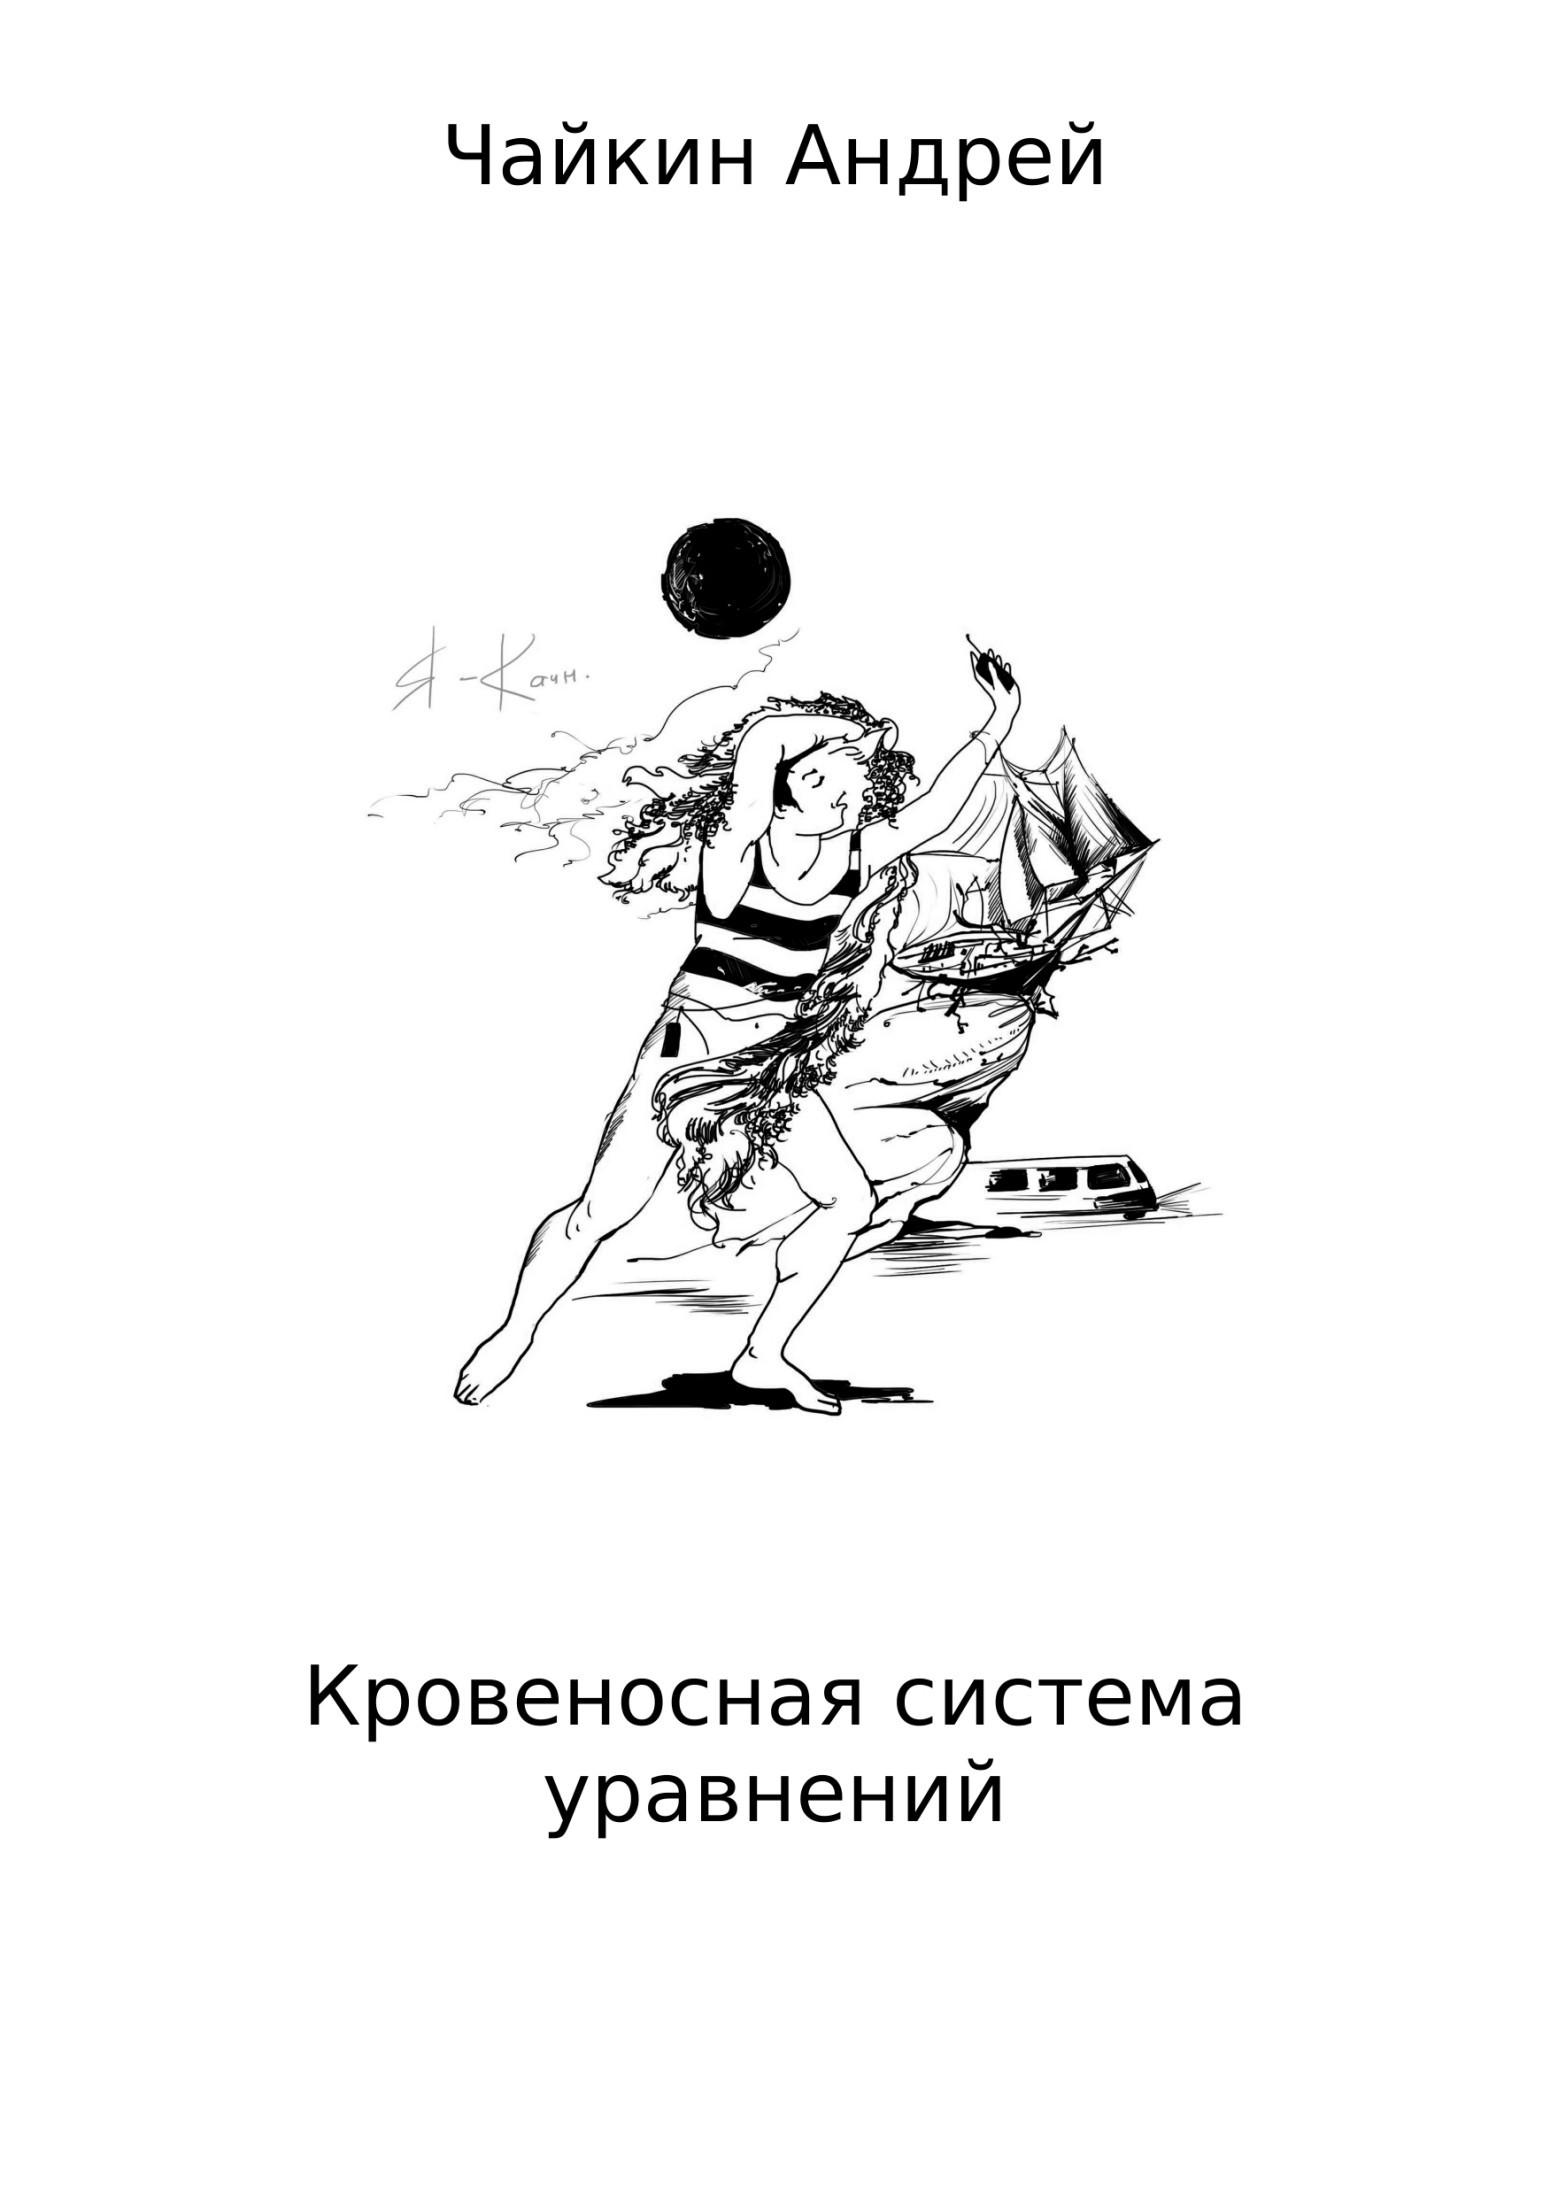 Андрей Владимирович Чайкин. Кровеносная система уравнений